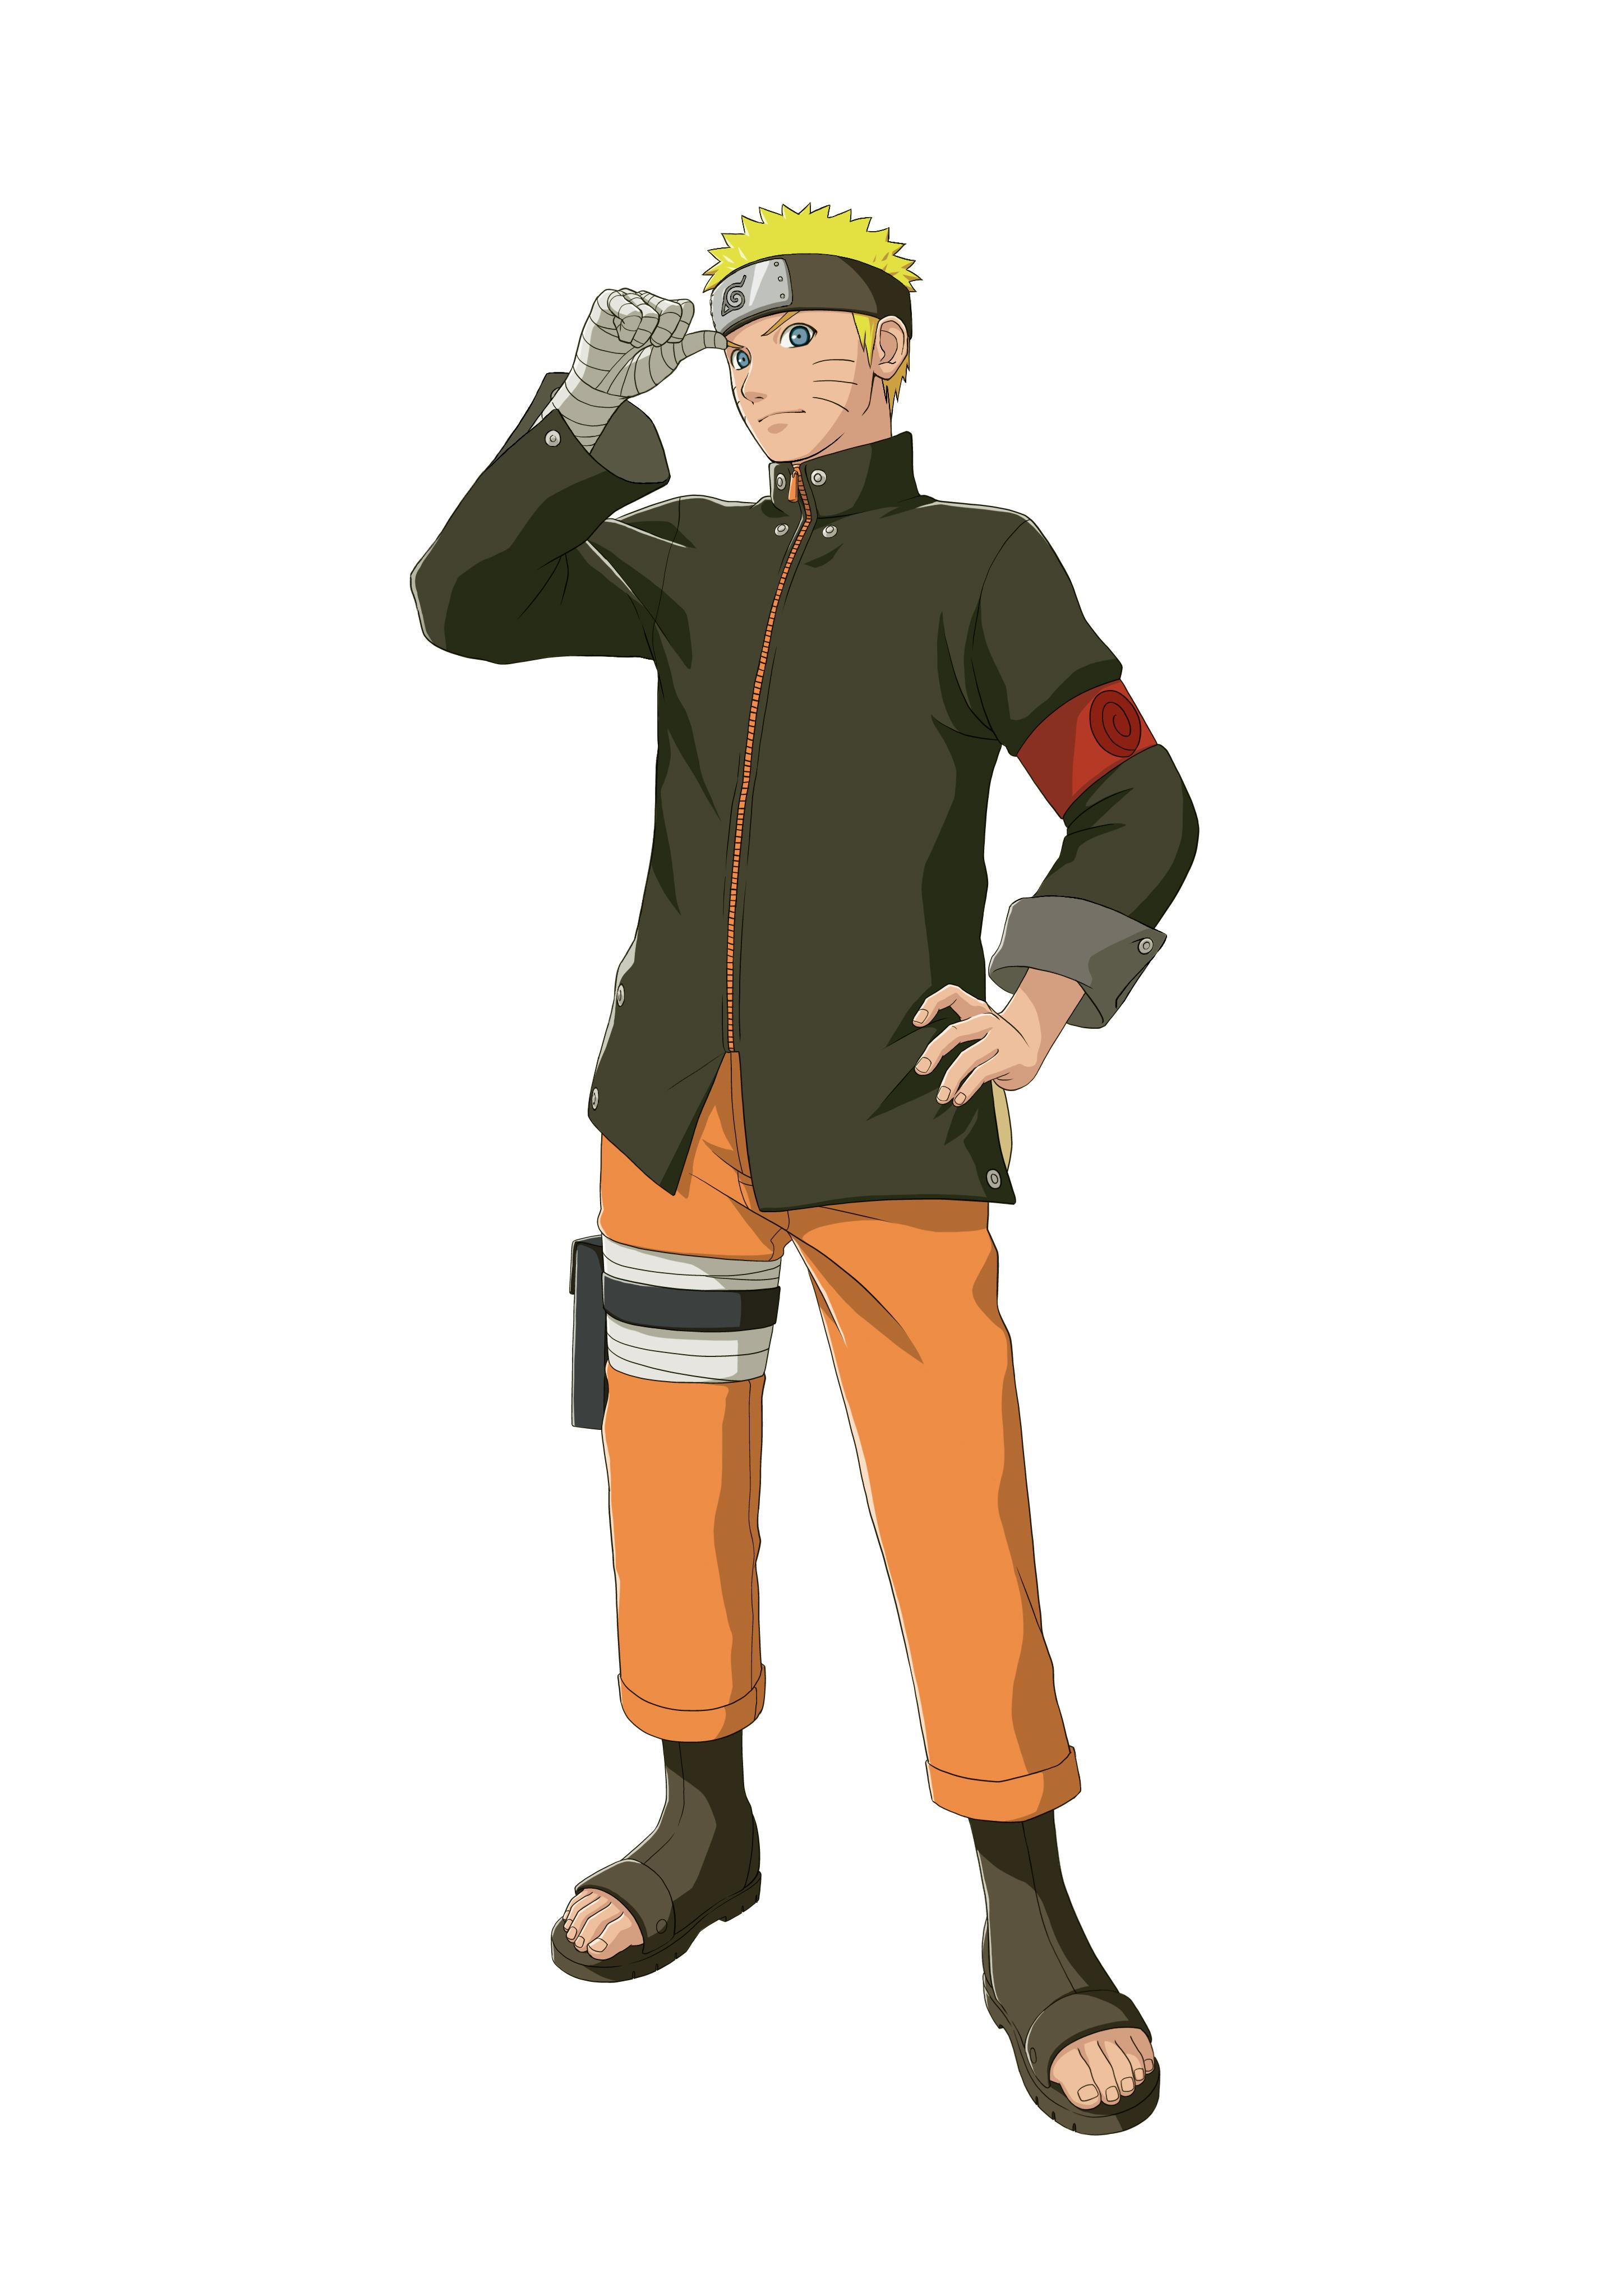 Naruto Shippuden: Ultimate Ninja Storm 4 - Naruto Shippuden: Ultimate Ninja Storm 4 Арт, Персонаж